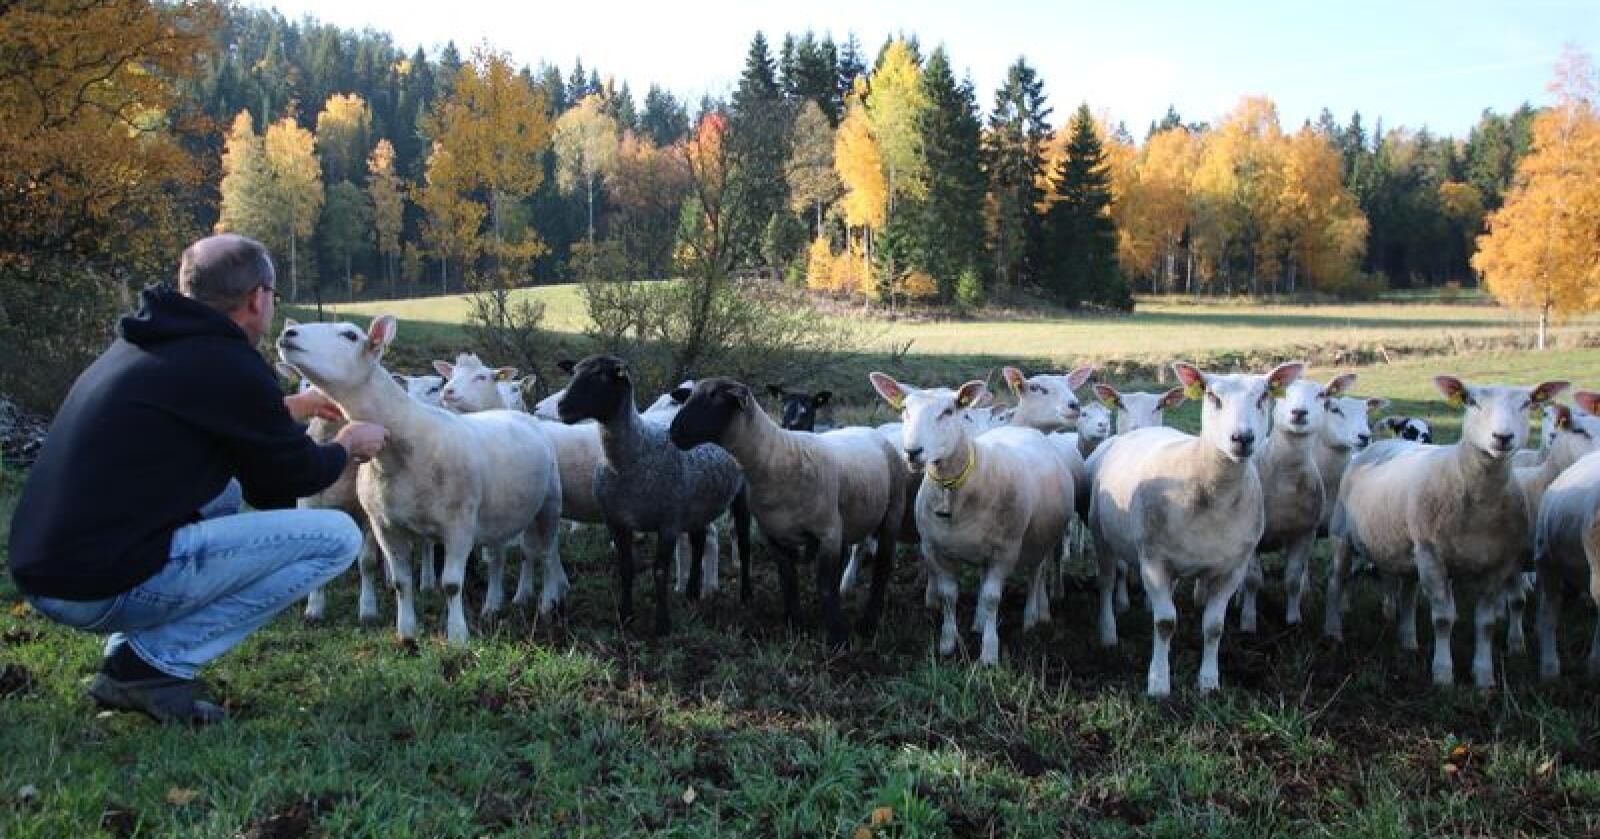 Forskere på NMBU har fått tre millioner kroner til å forske på hvordan norske sauedrift kan bli mer klimavennlig. Foto: Camilla Mellemstrand